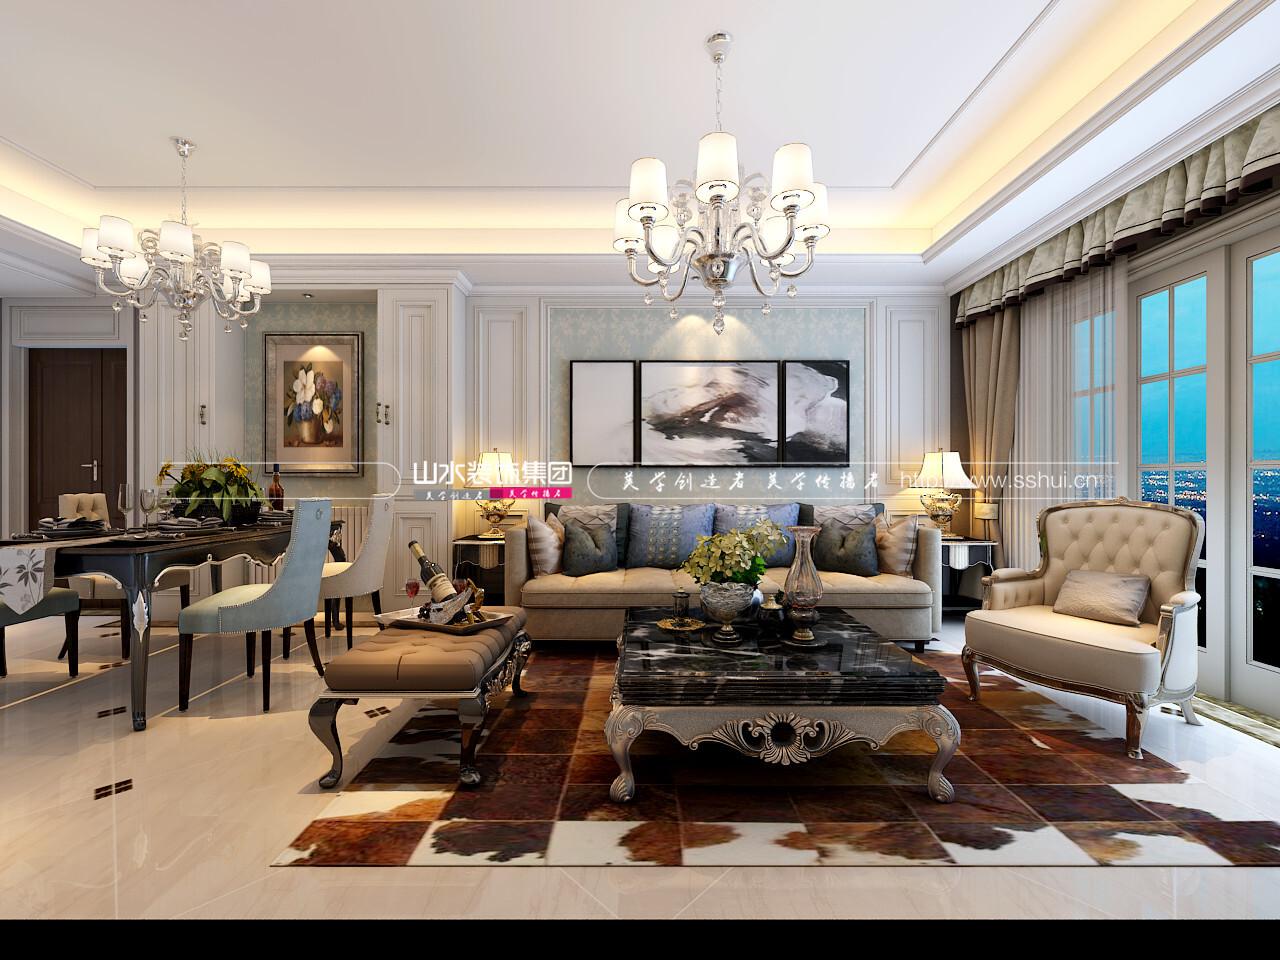 琥珀五環城98平簡歐三室兩廳一衛簡歐風格裝修效果圖